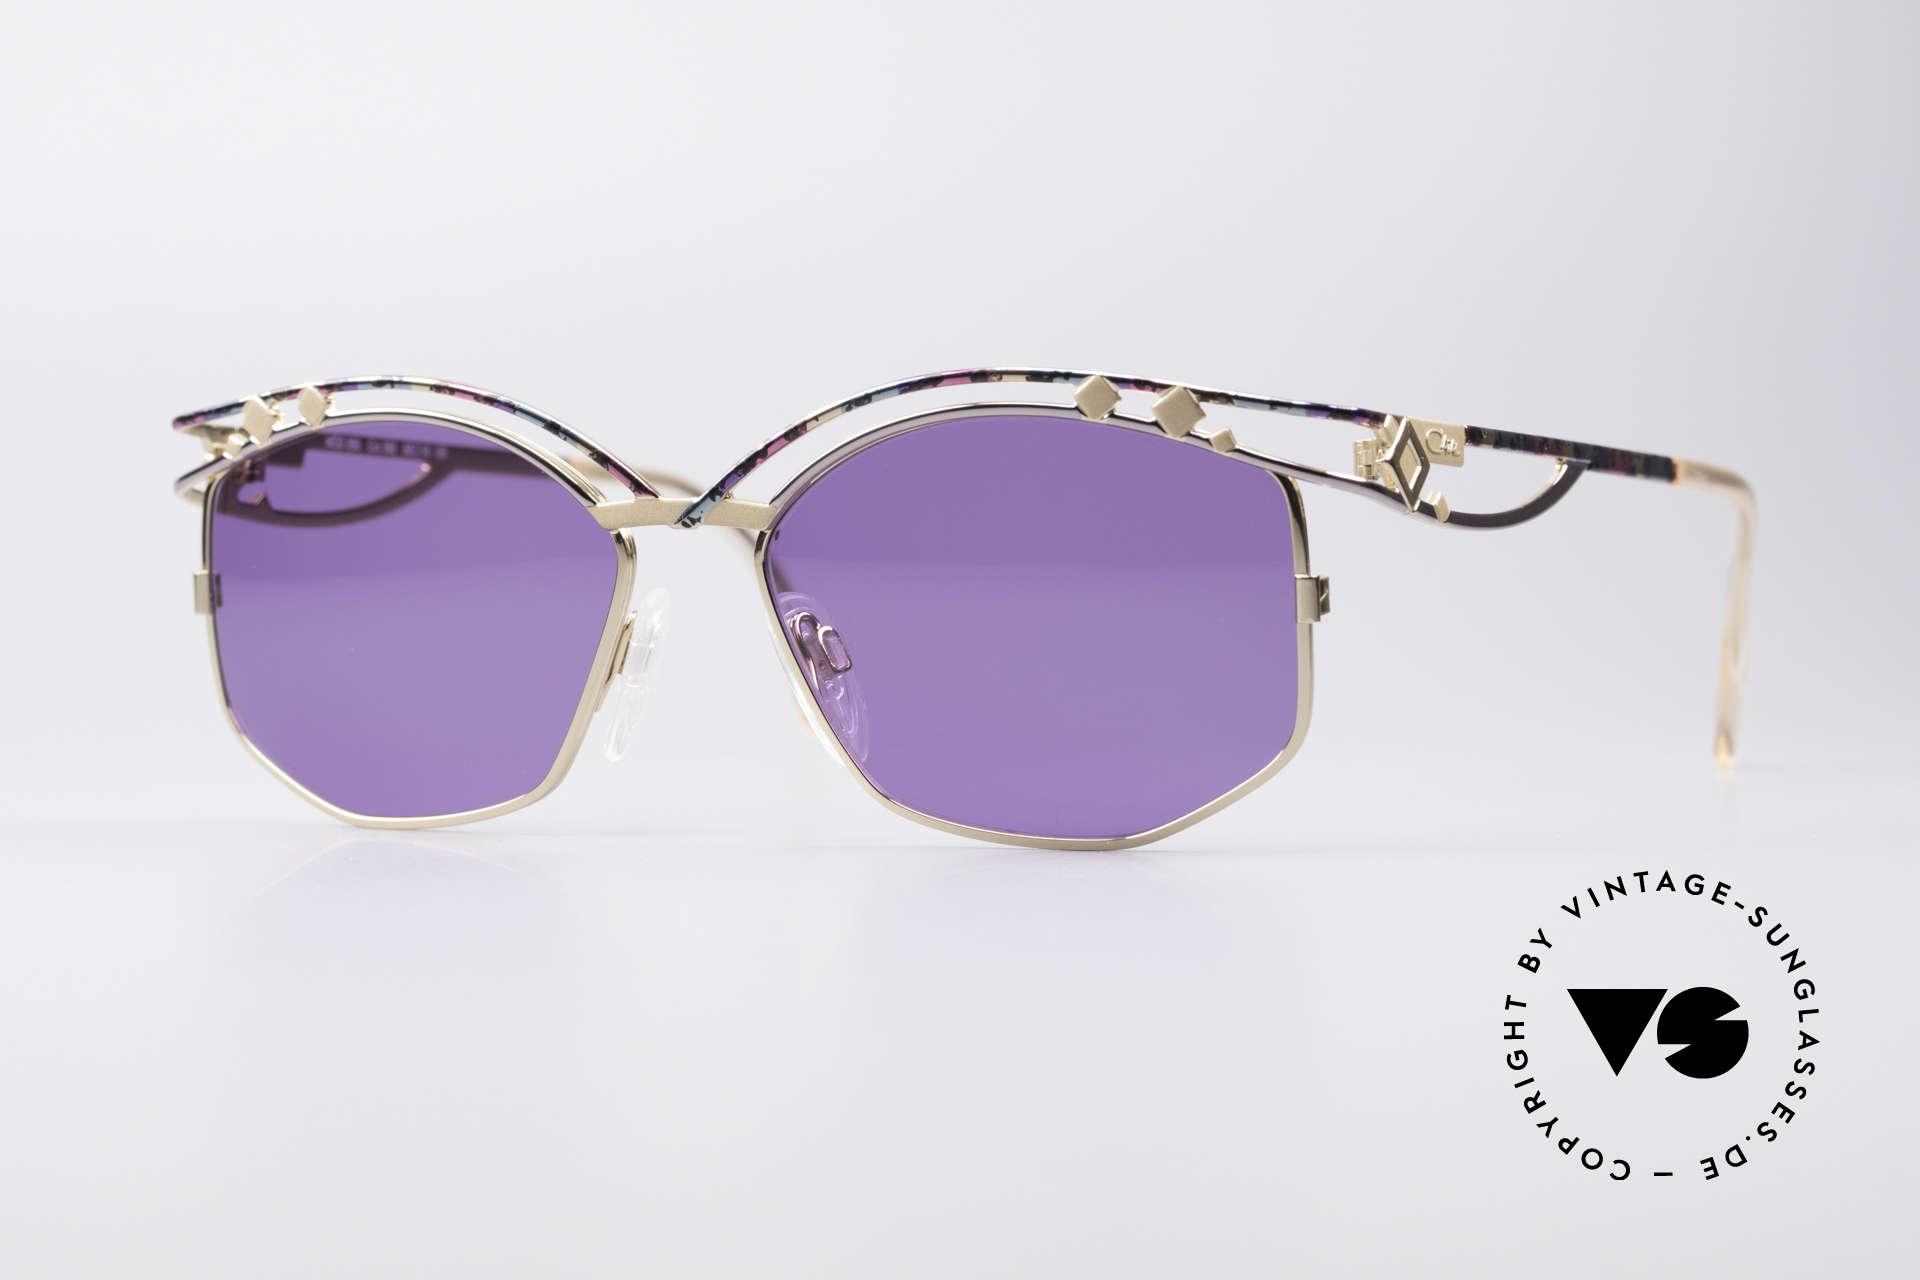 Cazal 280 90s Designer Sunglasses Ladies, rare VINTAGE CAZAL designer sunglasses from 1997, Made for Women